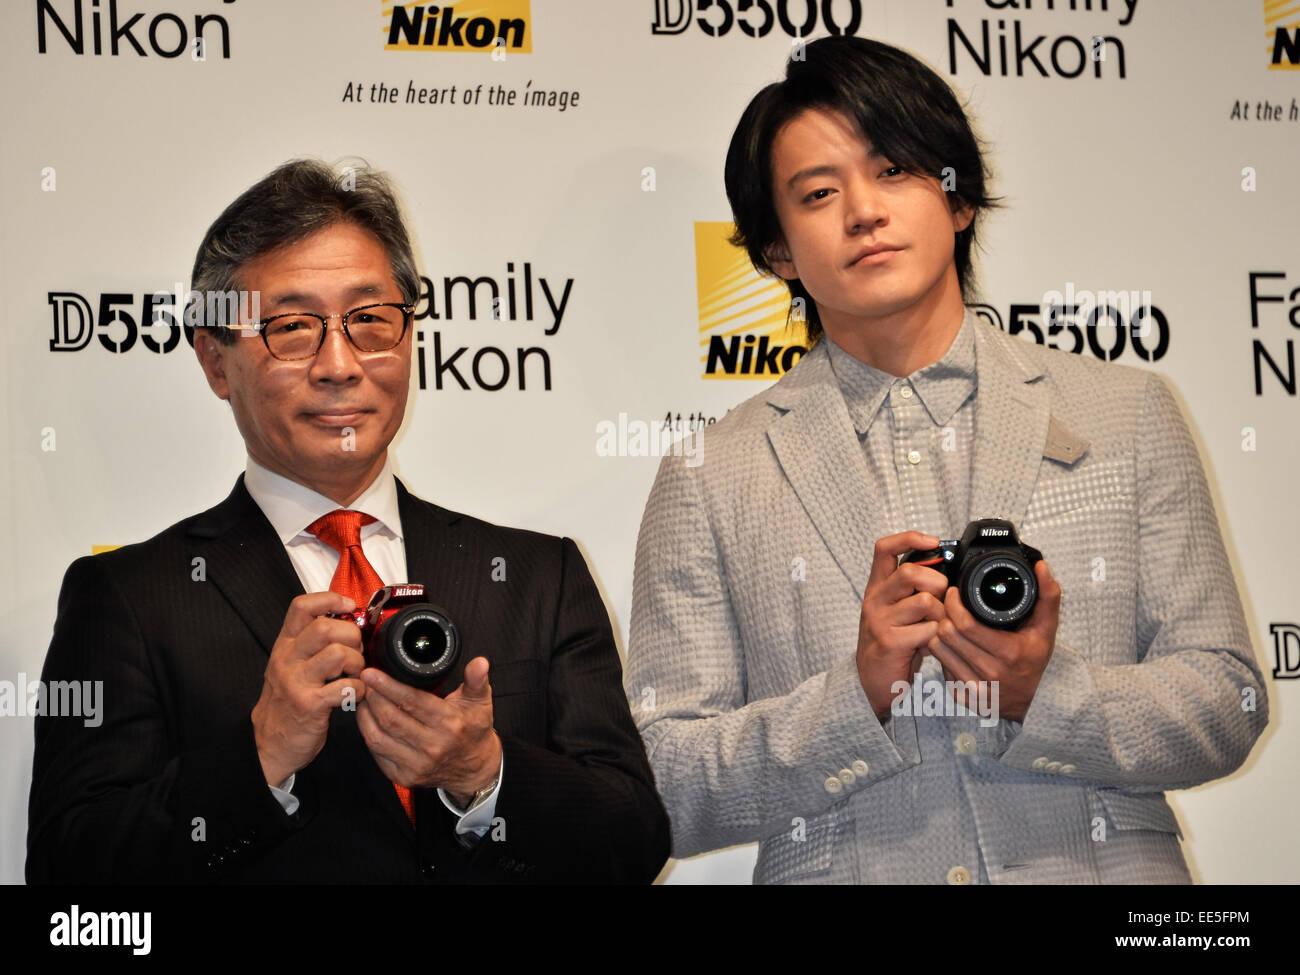 Shun Oguri, Jan 14, 2015 : Tokyo, Japan : President of Nikon